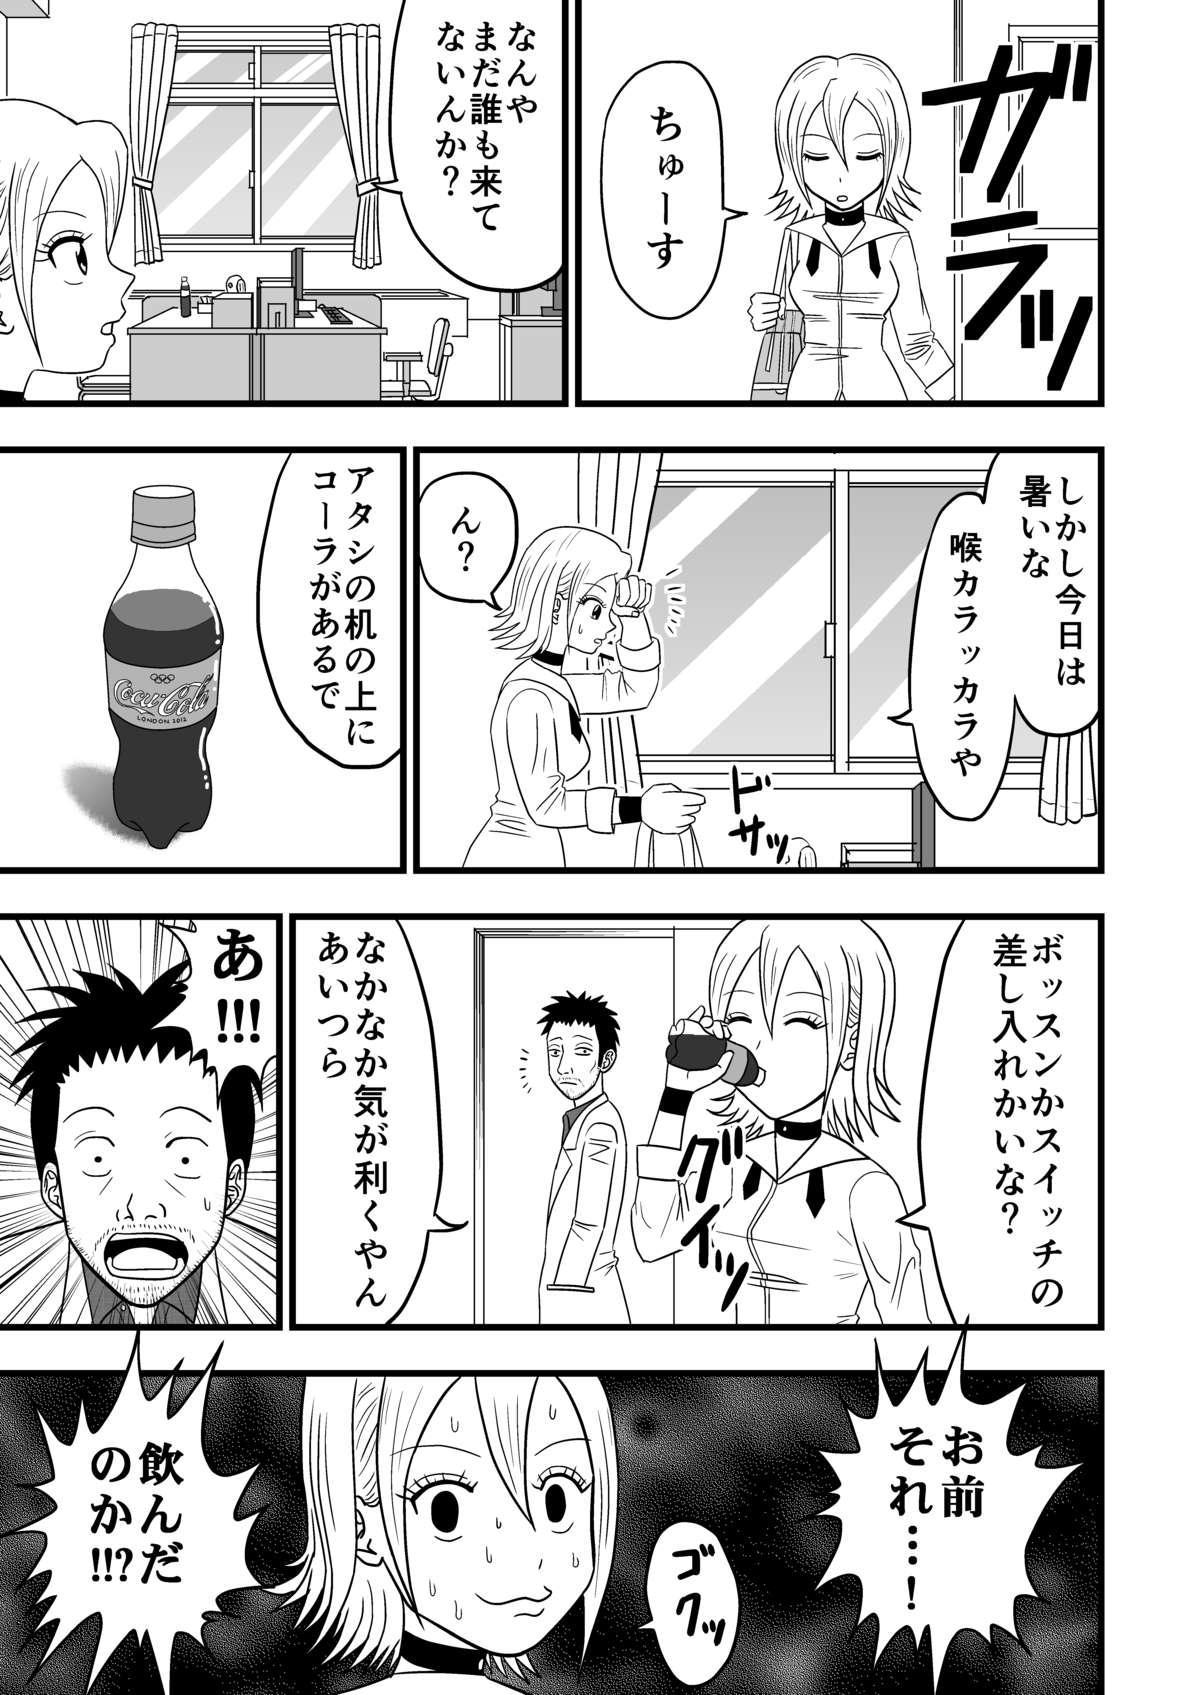 Himeko no nyou shikkin!! 1